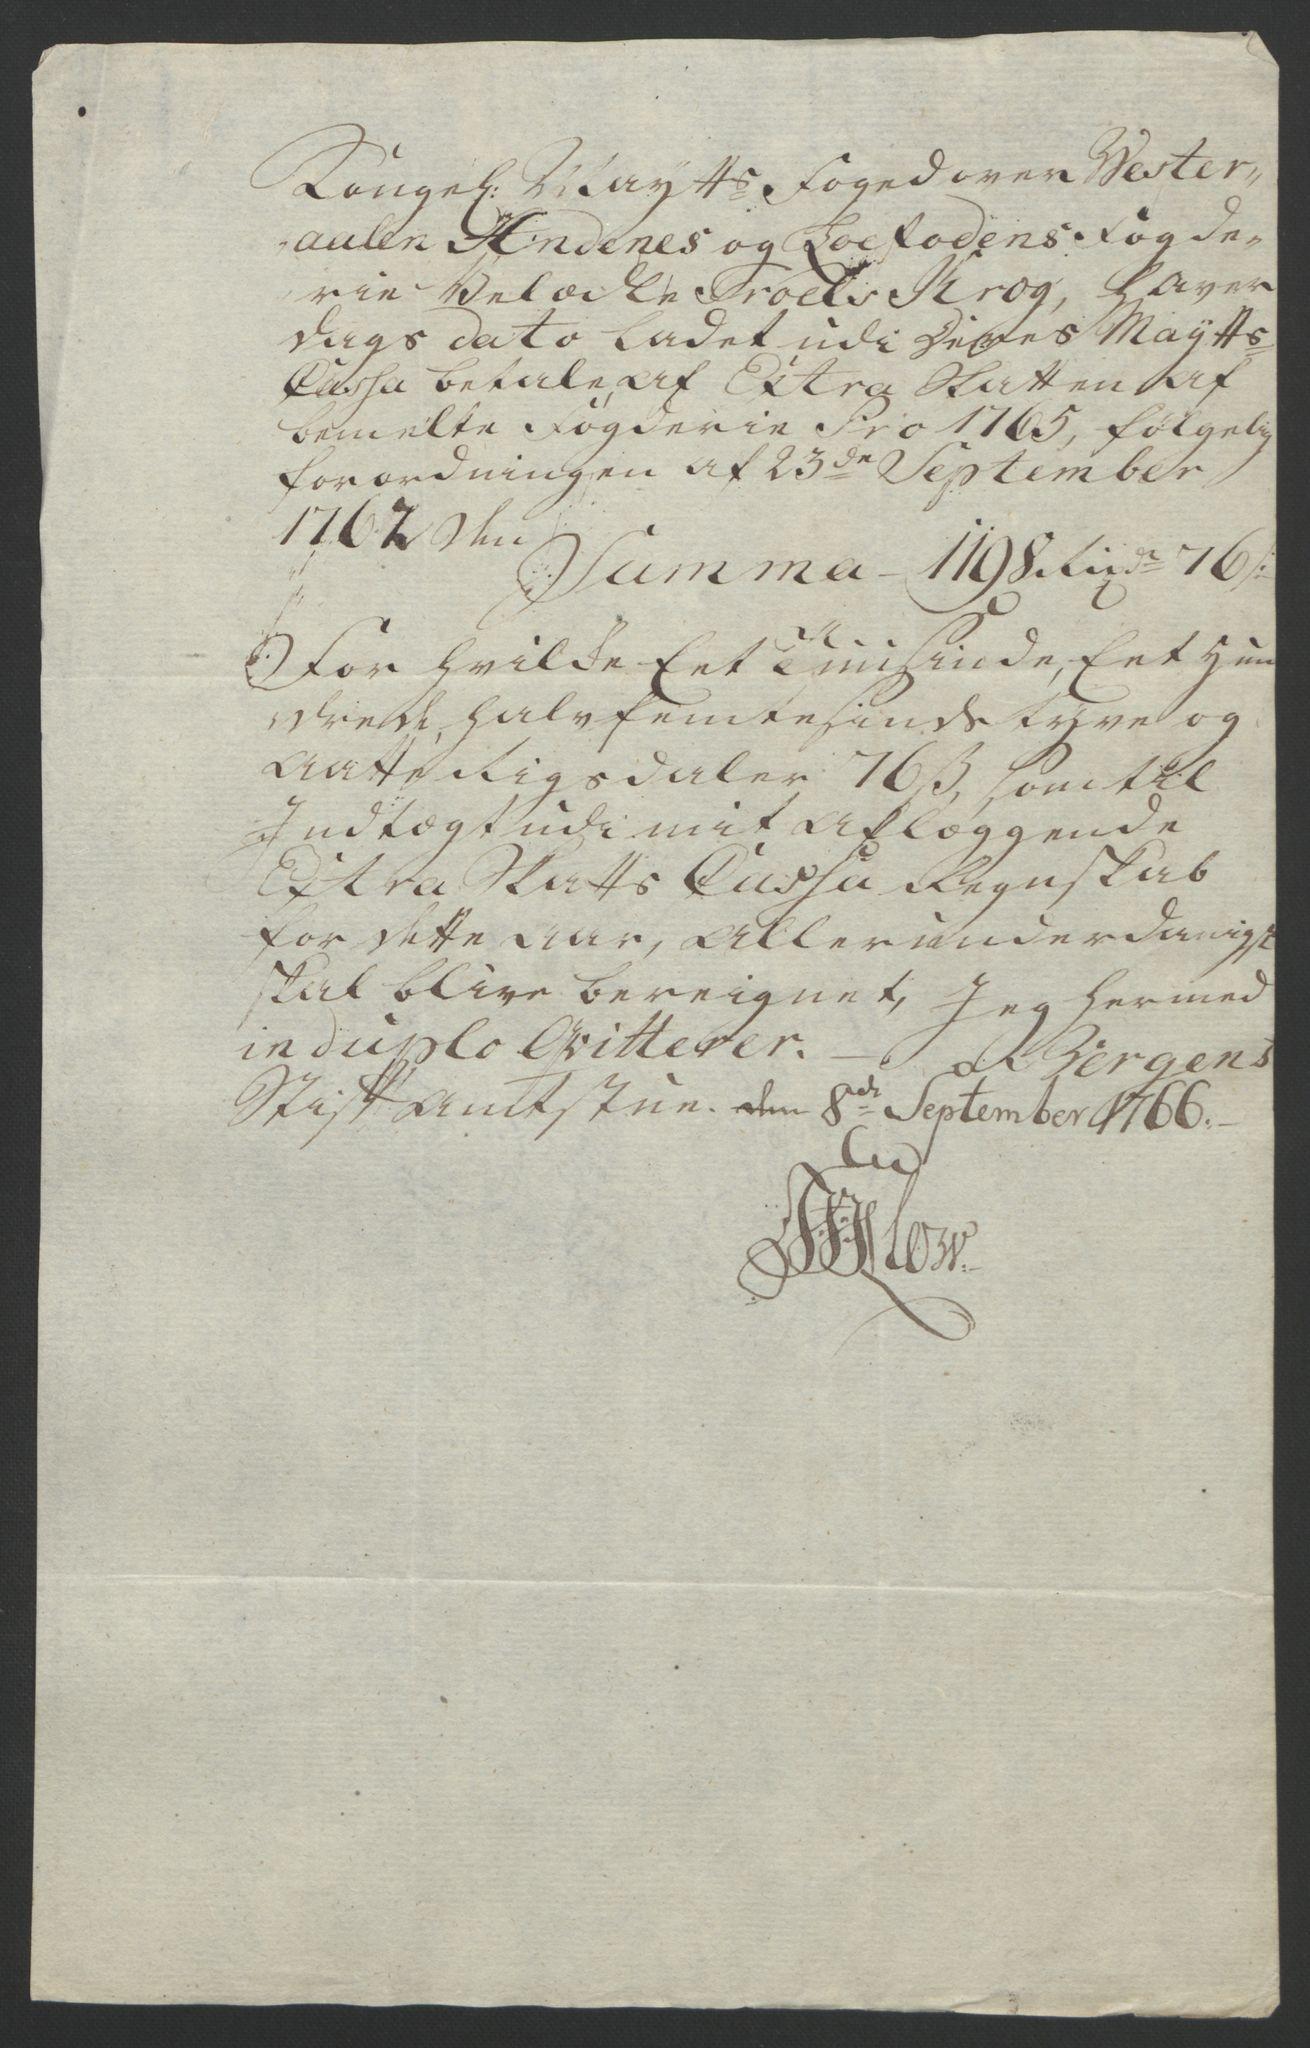 RA, Rentekammeret inntil 1814, Reviderte regnskaper, Fogderegnskap, R67/L4747: Ekstraskatten Vesterålen, Andenes og Lofoten, 1762-1766, s. 493